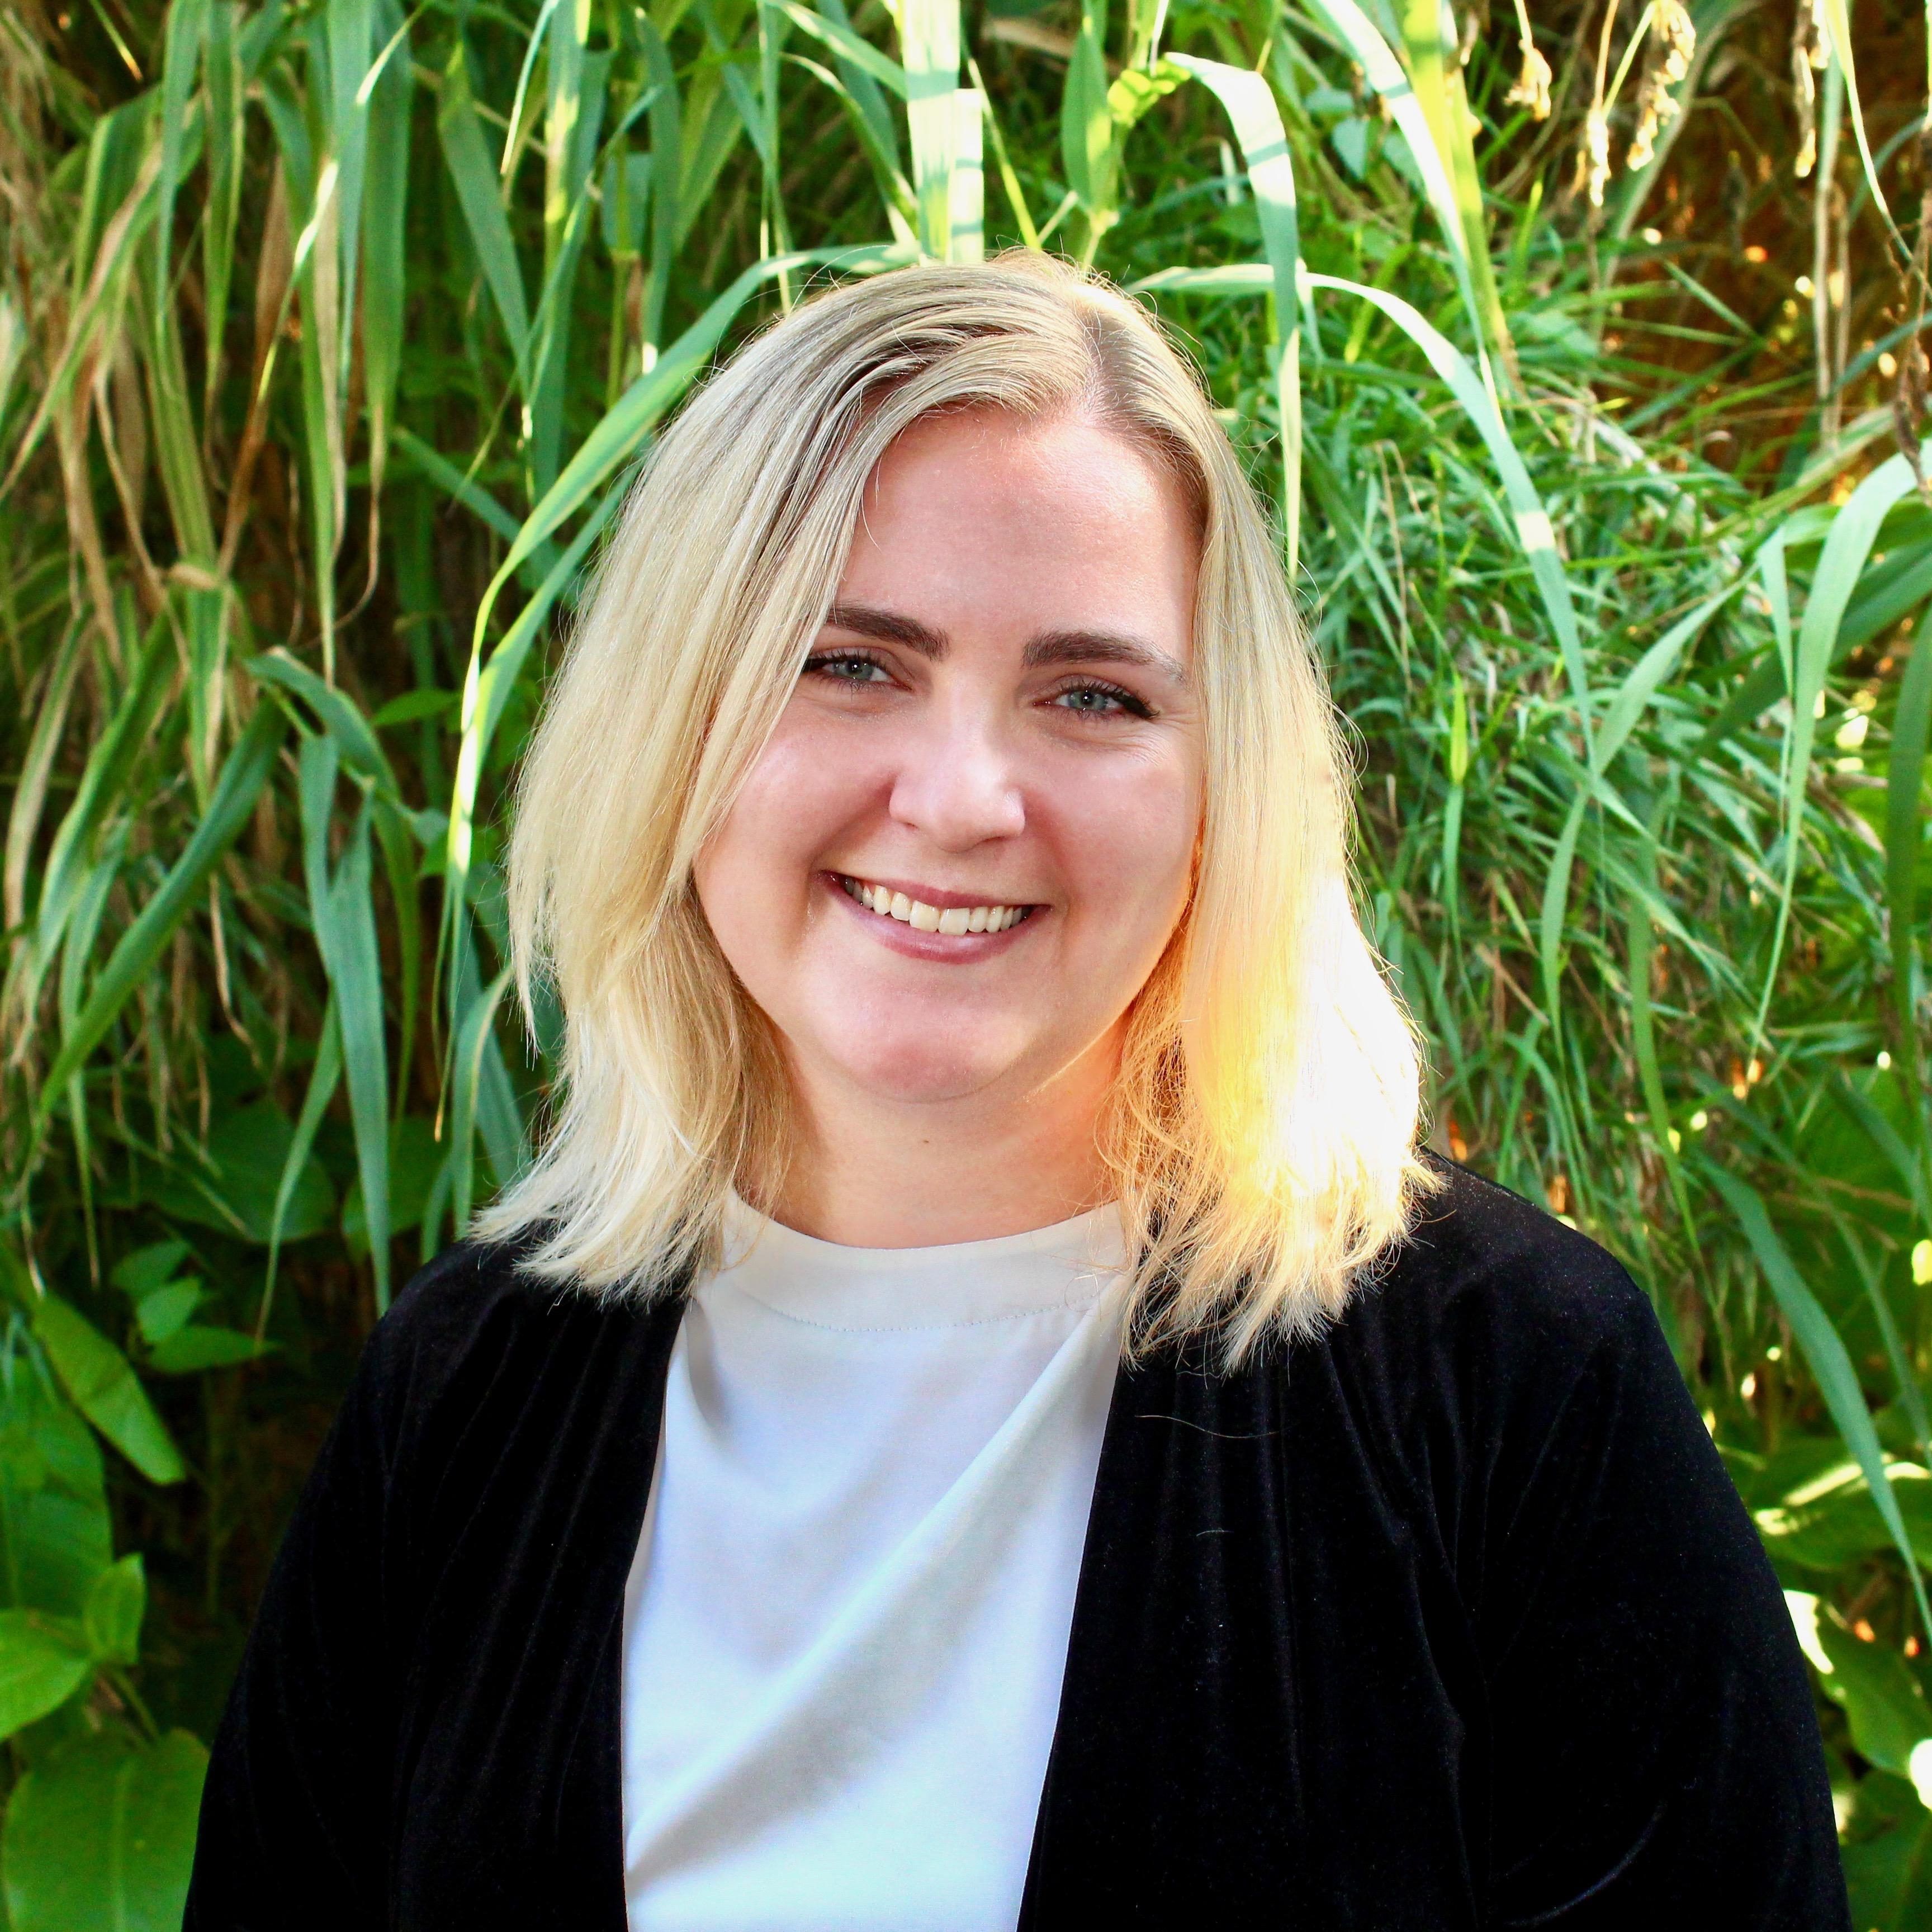 Elizabeth McReynolds